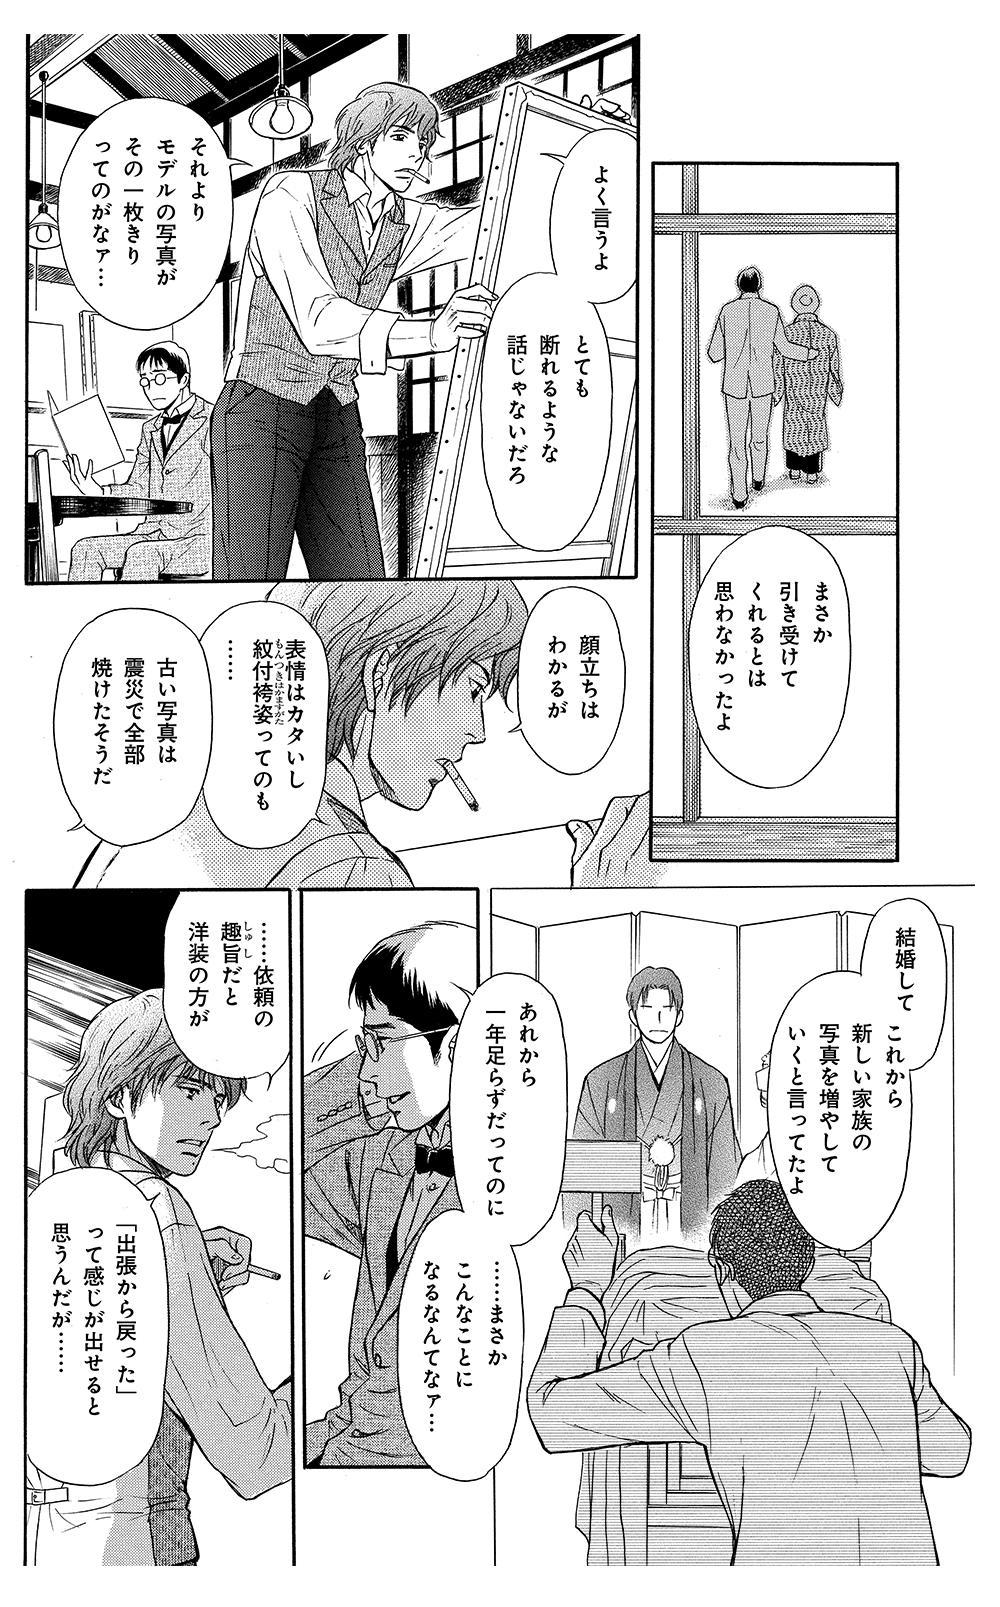 鵼の絵師 第1話「鵼の絵師」①nue-1-10.jpg